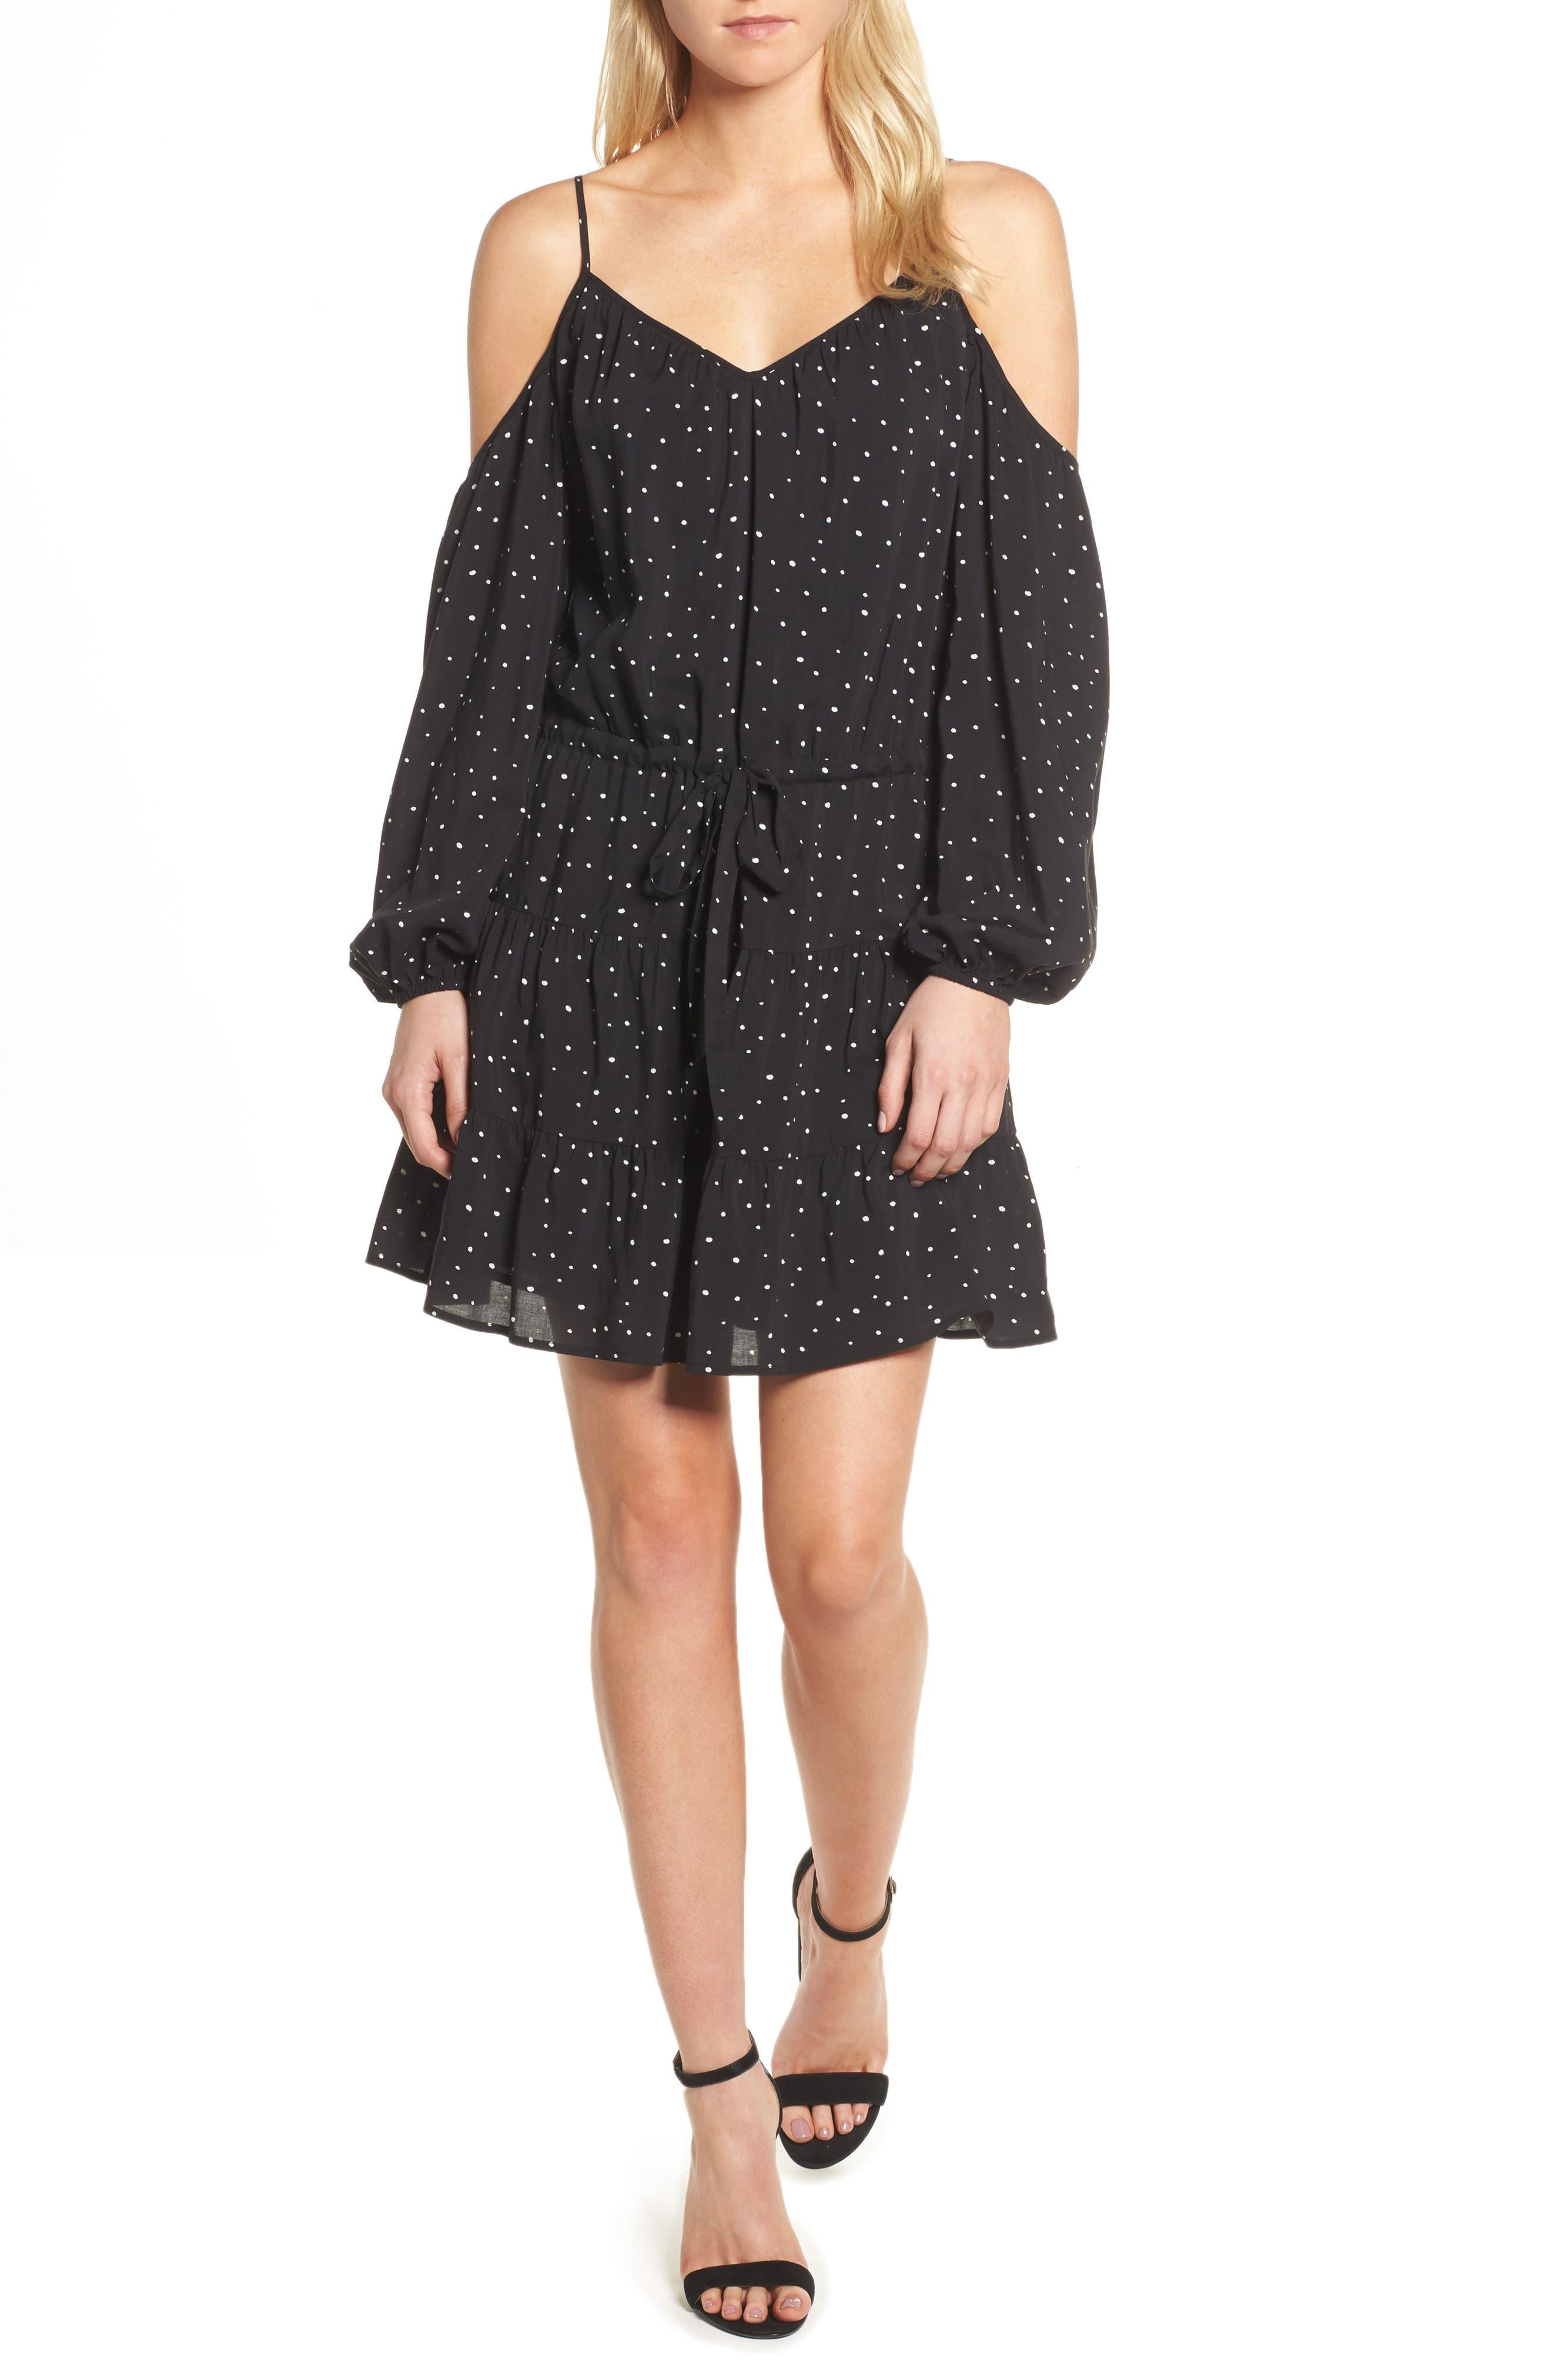 PAIGE Carmine Cold Shoulder Dress